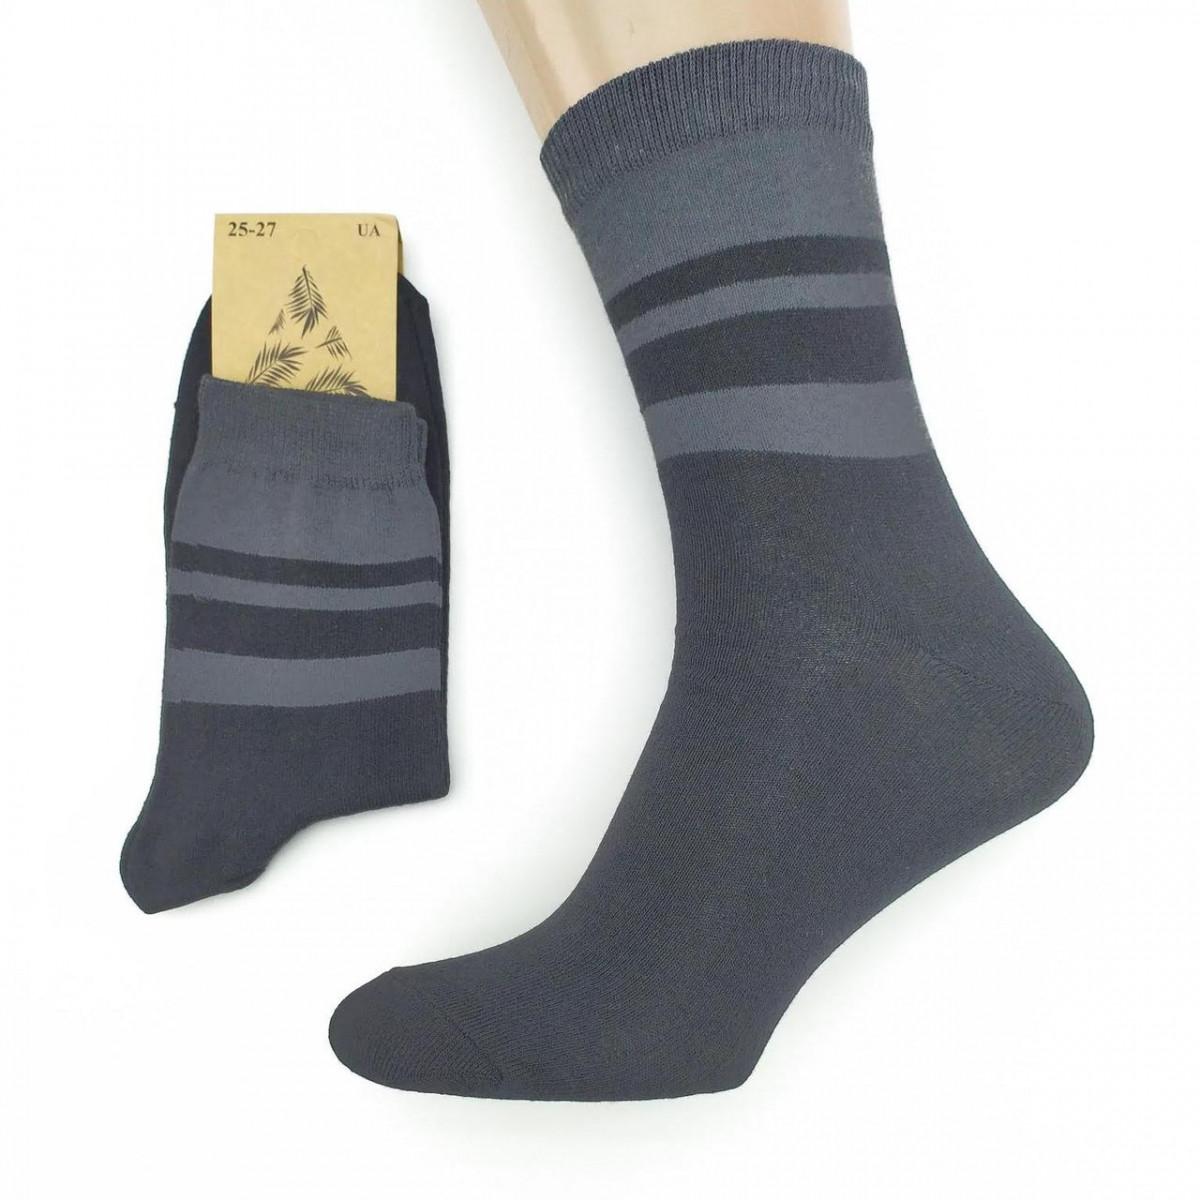 Носки мужские демисезонные средние Loft Socks 27-29р черные с серыми полосками 20034146